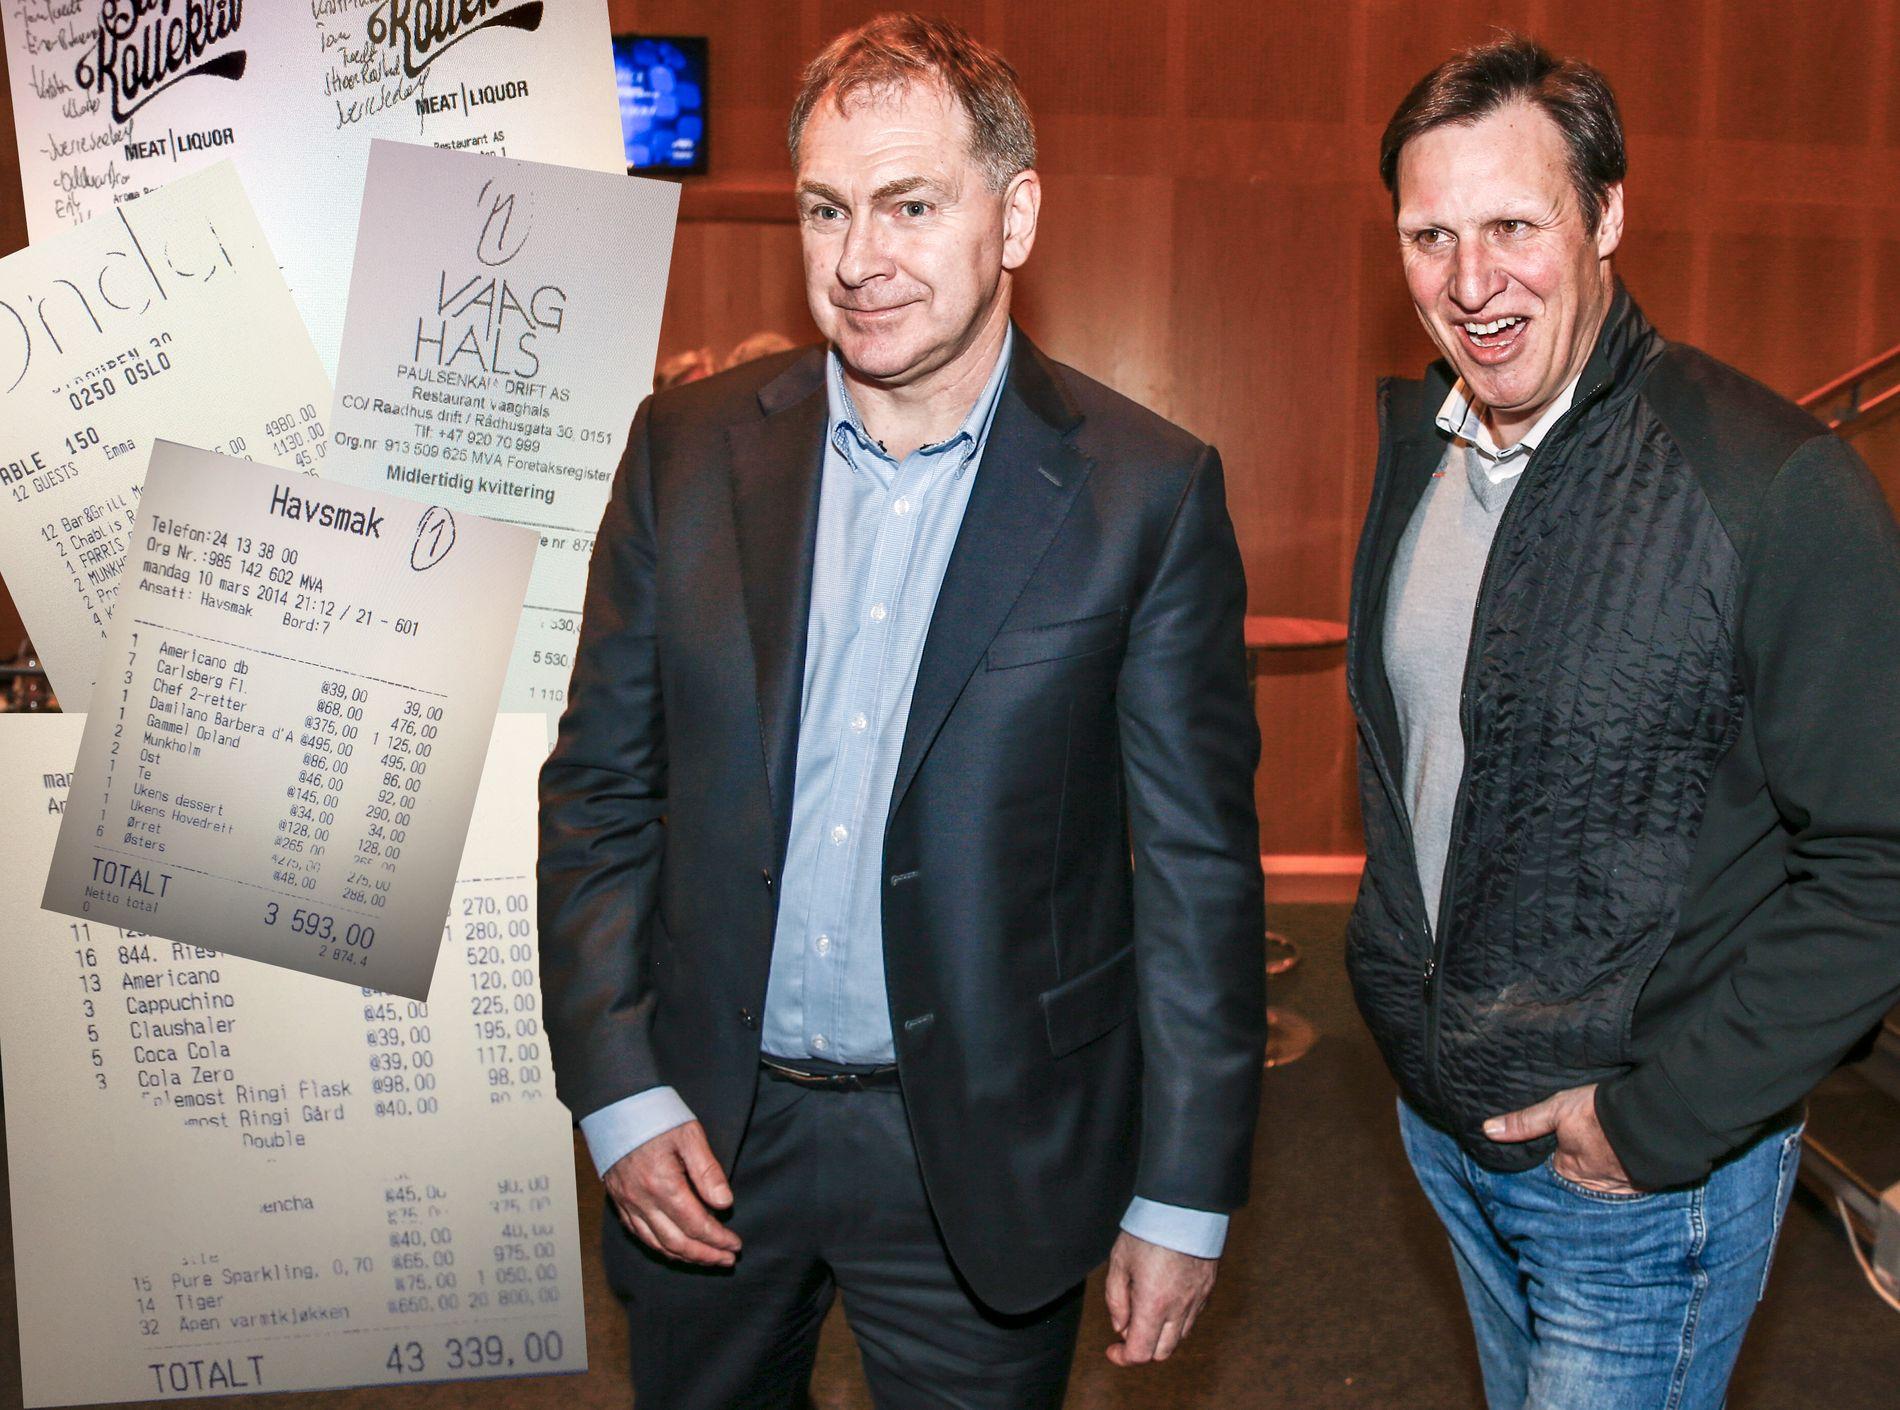 BARREGNINGER: Tidligere generalsekretær Inge Andersen (f.v.) i NIF og idrettspresident Tom Tvedt etter et møte særforbundene i april 2016. Begge har vært på tilstelninger der NIF har brukt offentlige midler på alkohol til egne ledere.